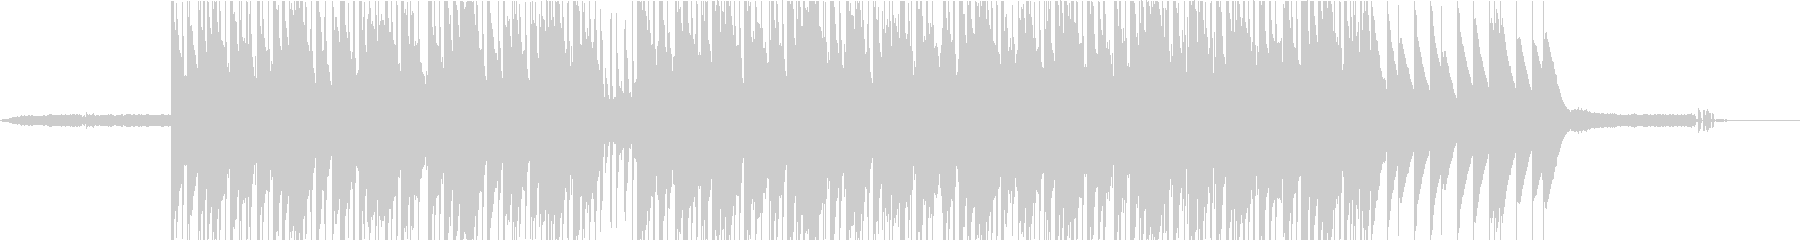 Lo-fiピアノのhiphopの未再生の波形